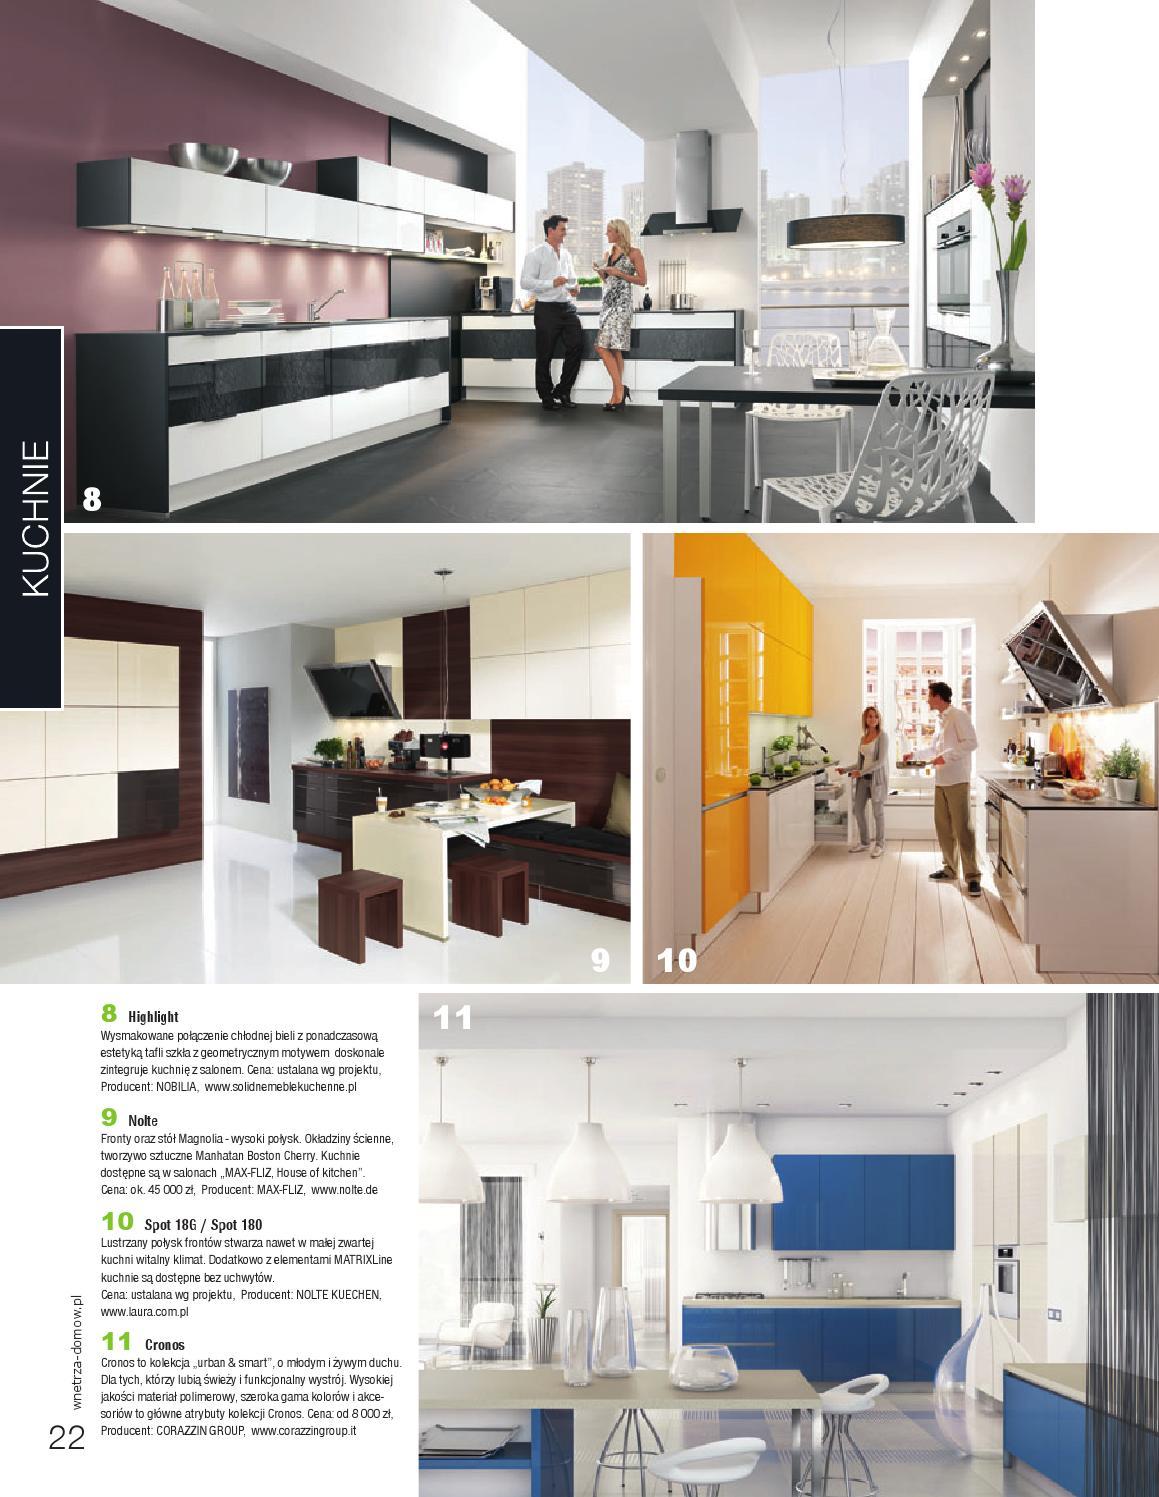 Kuchnie I łazienki 7 By Dobry Dom Issuu